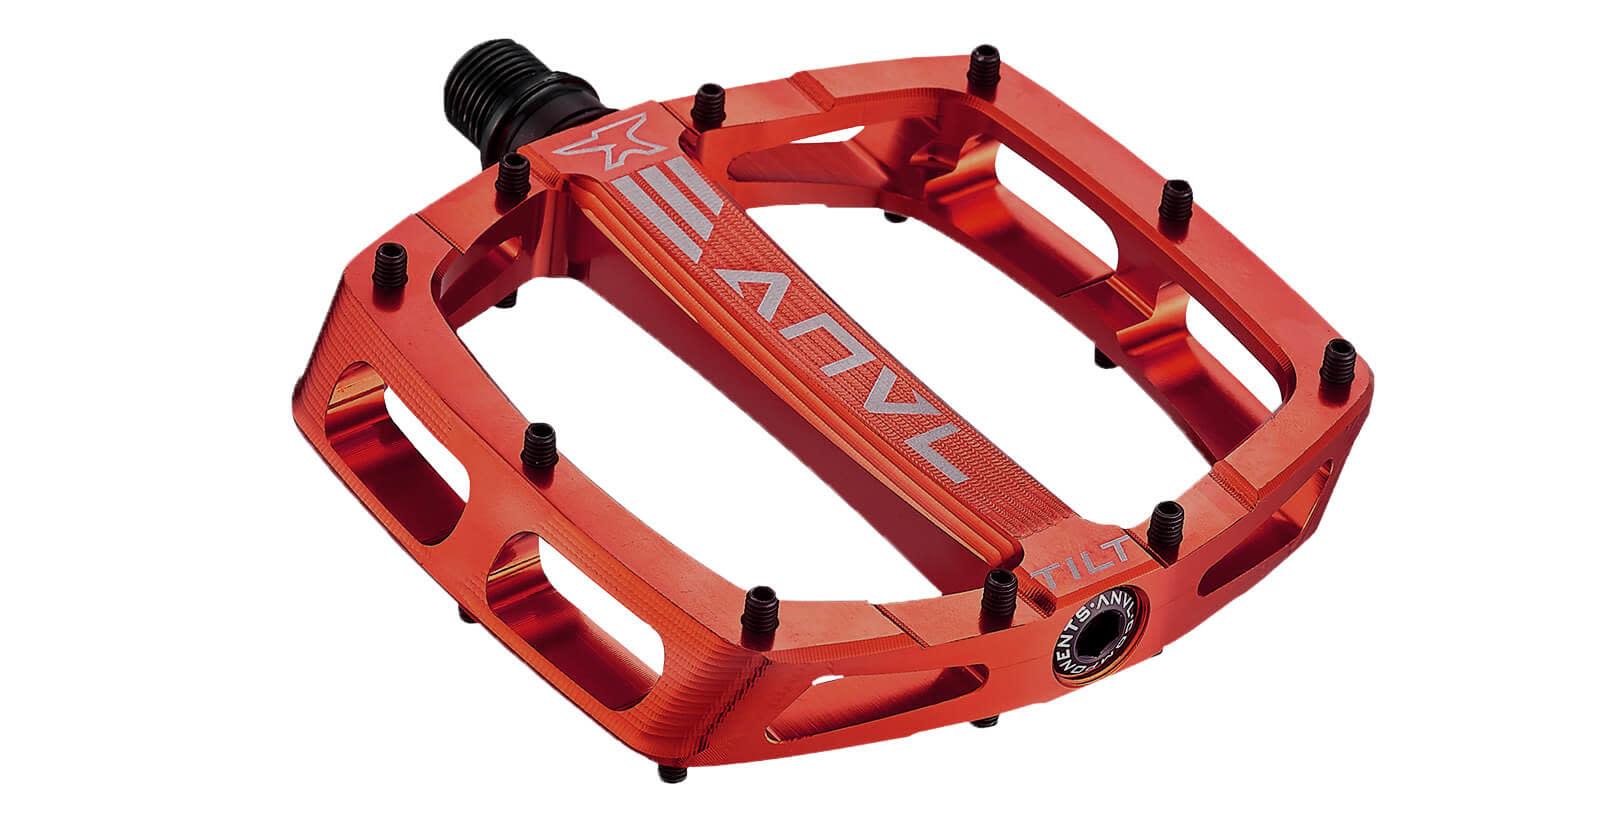 ANVL Tilt, Red